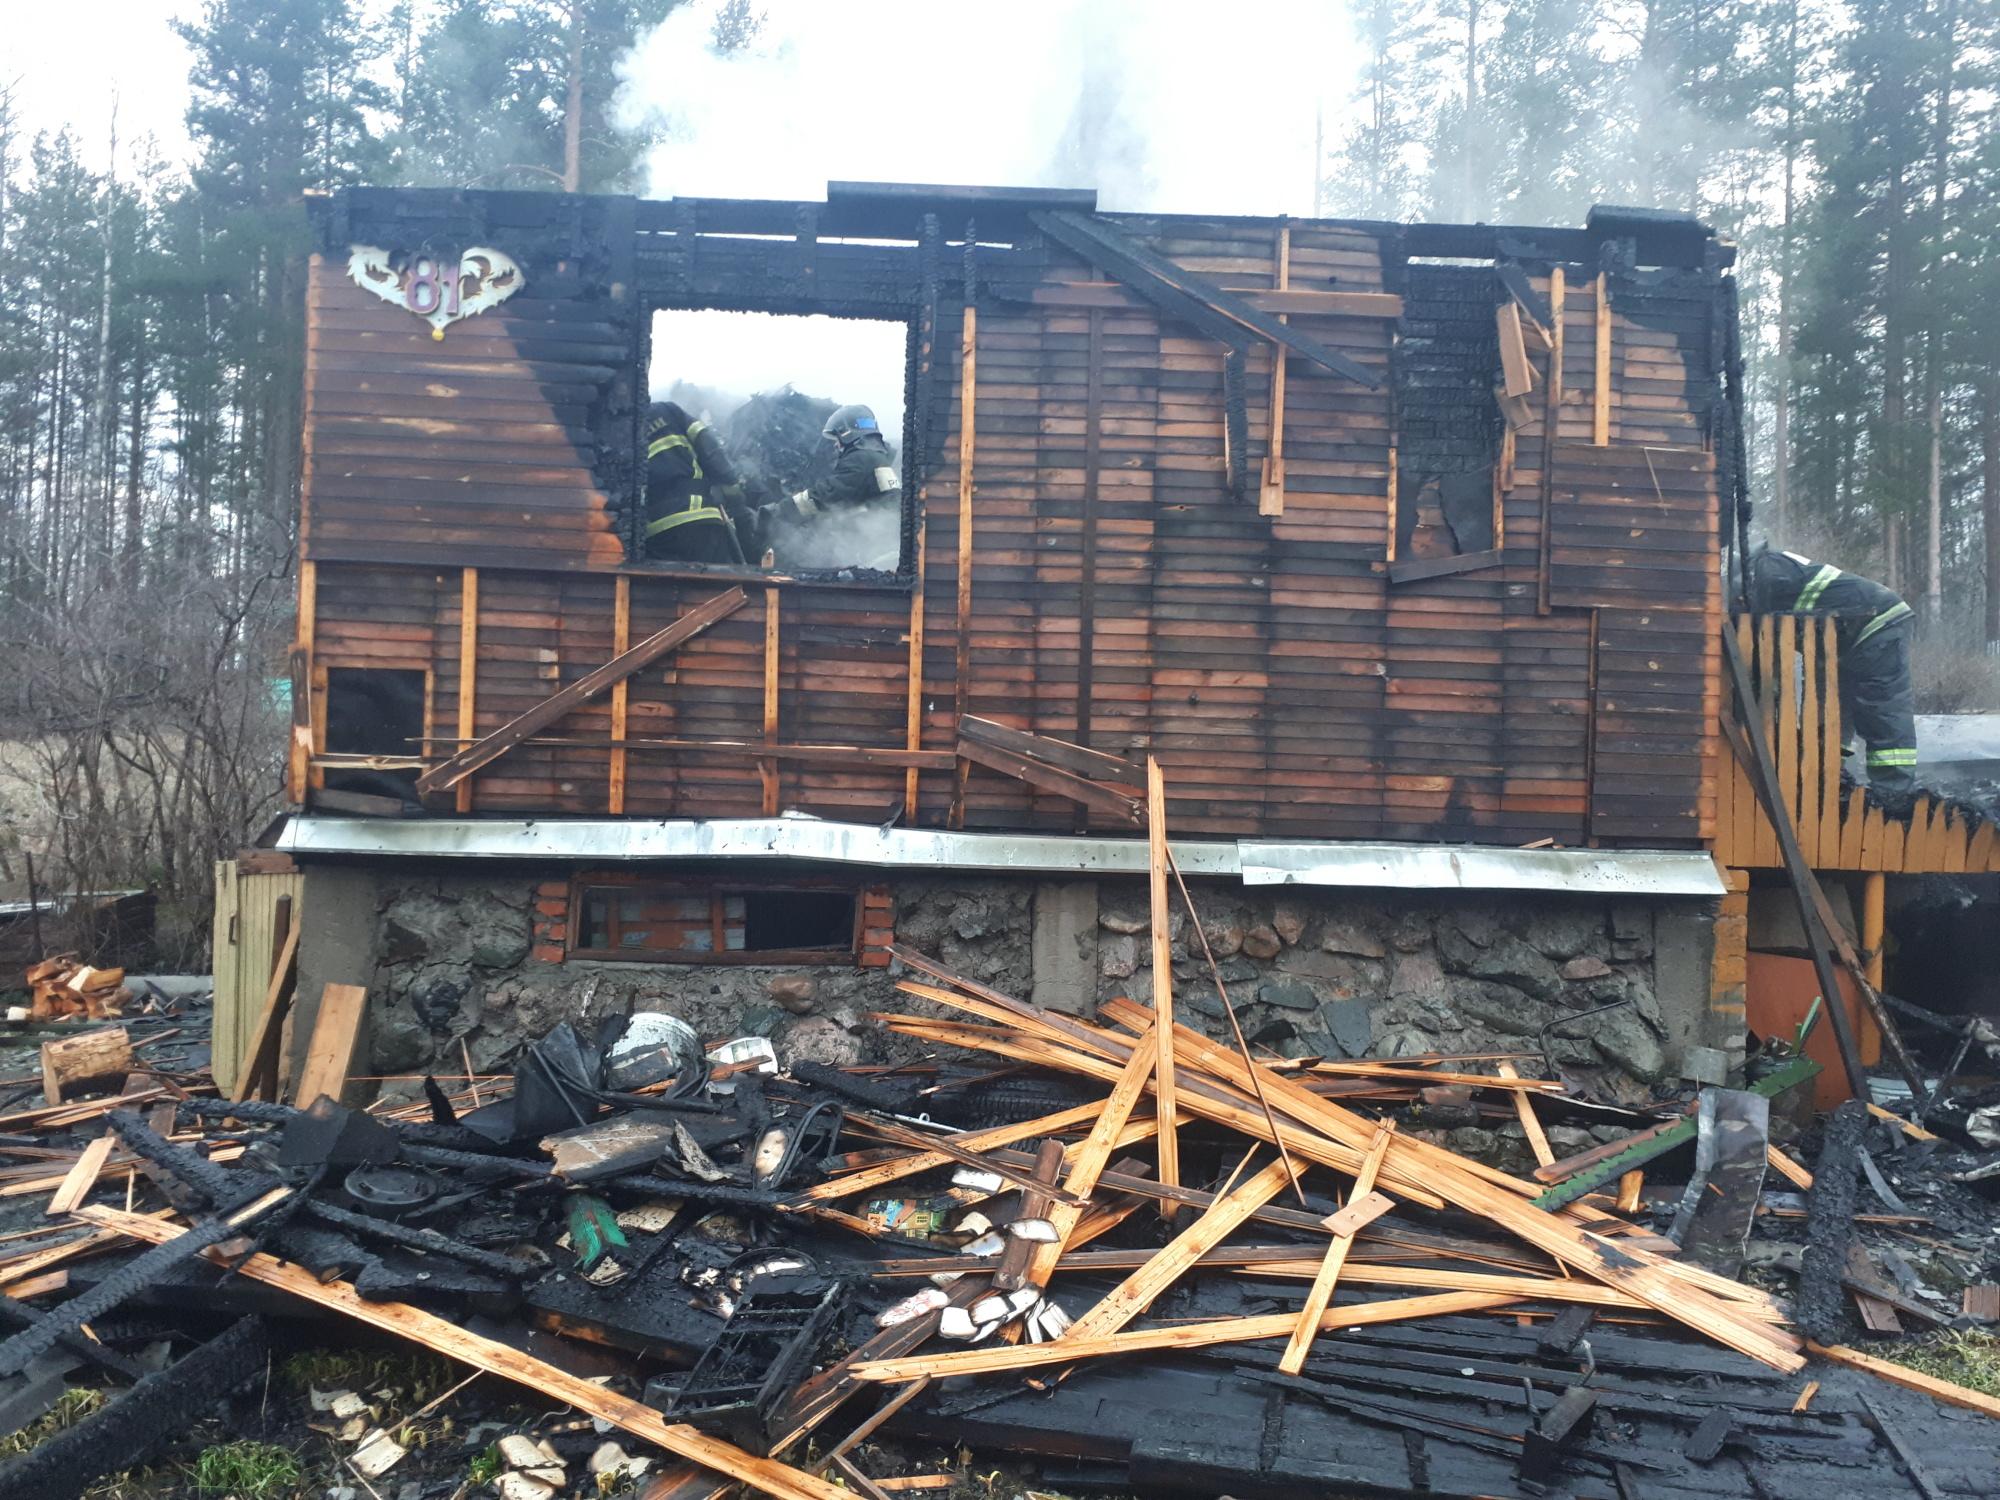 Пожарно-спасательные подразделения ликвидировали пожар в Кондопожском районе.